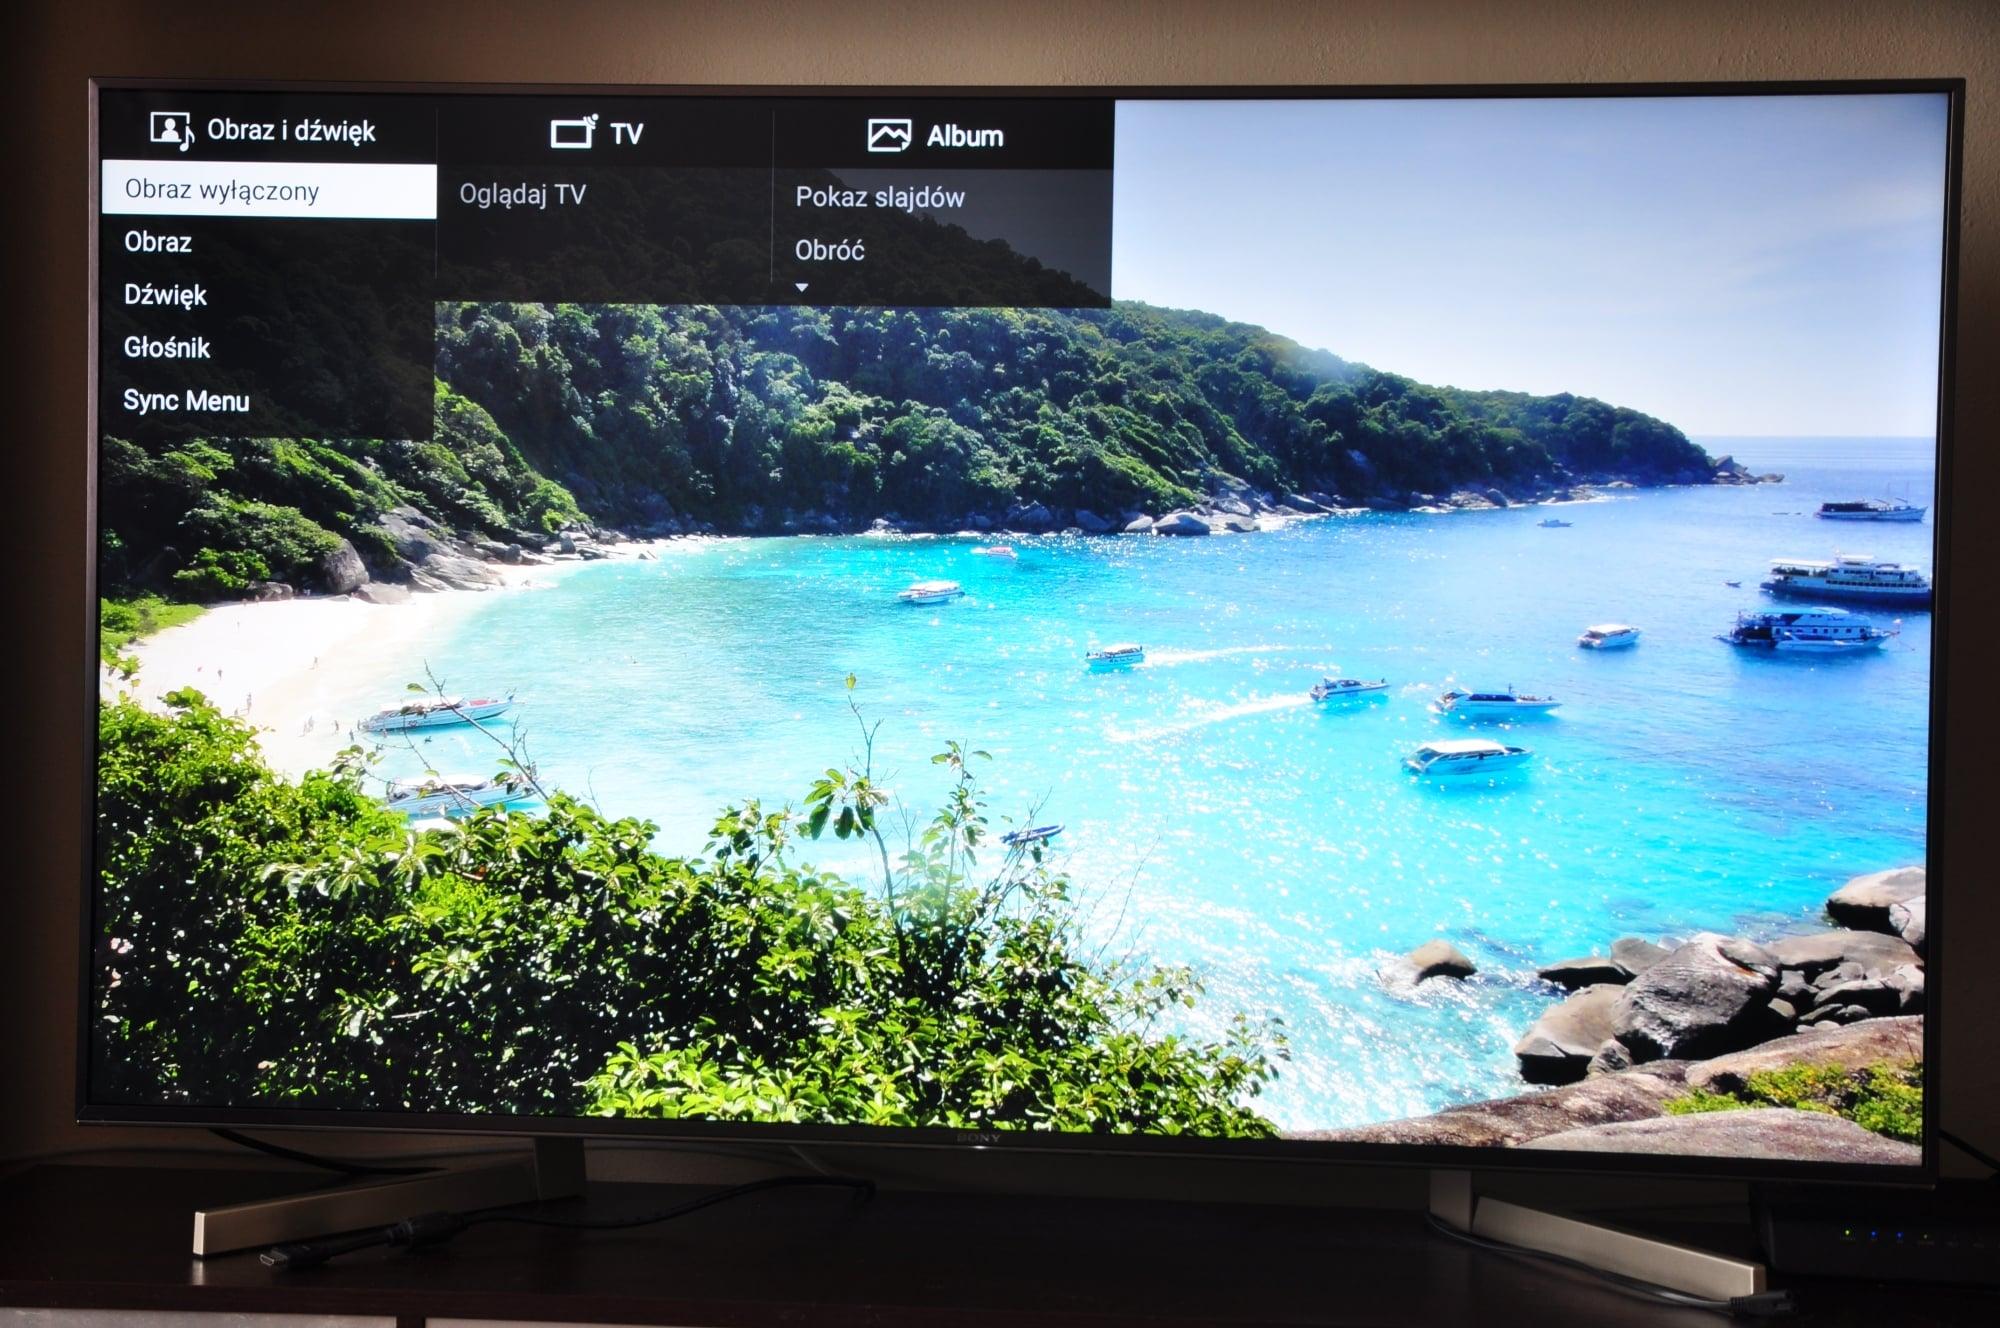 Tabletowo.pl Recenzja telewizora Sony XF90 4K - obraz, który po prostu cieszy oko Recenzje TV